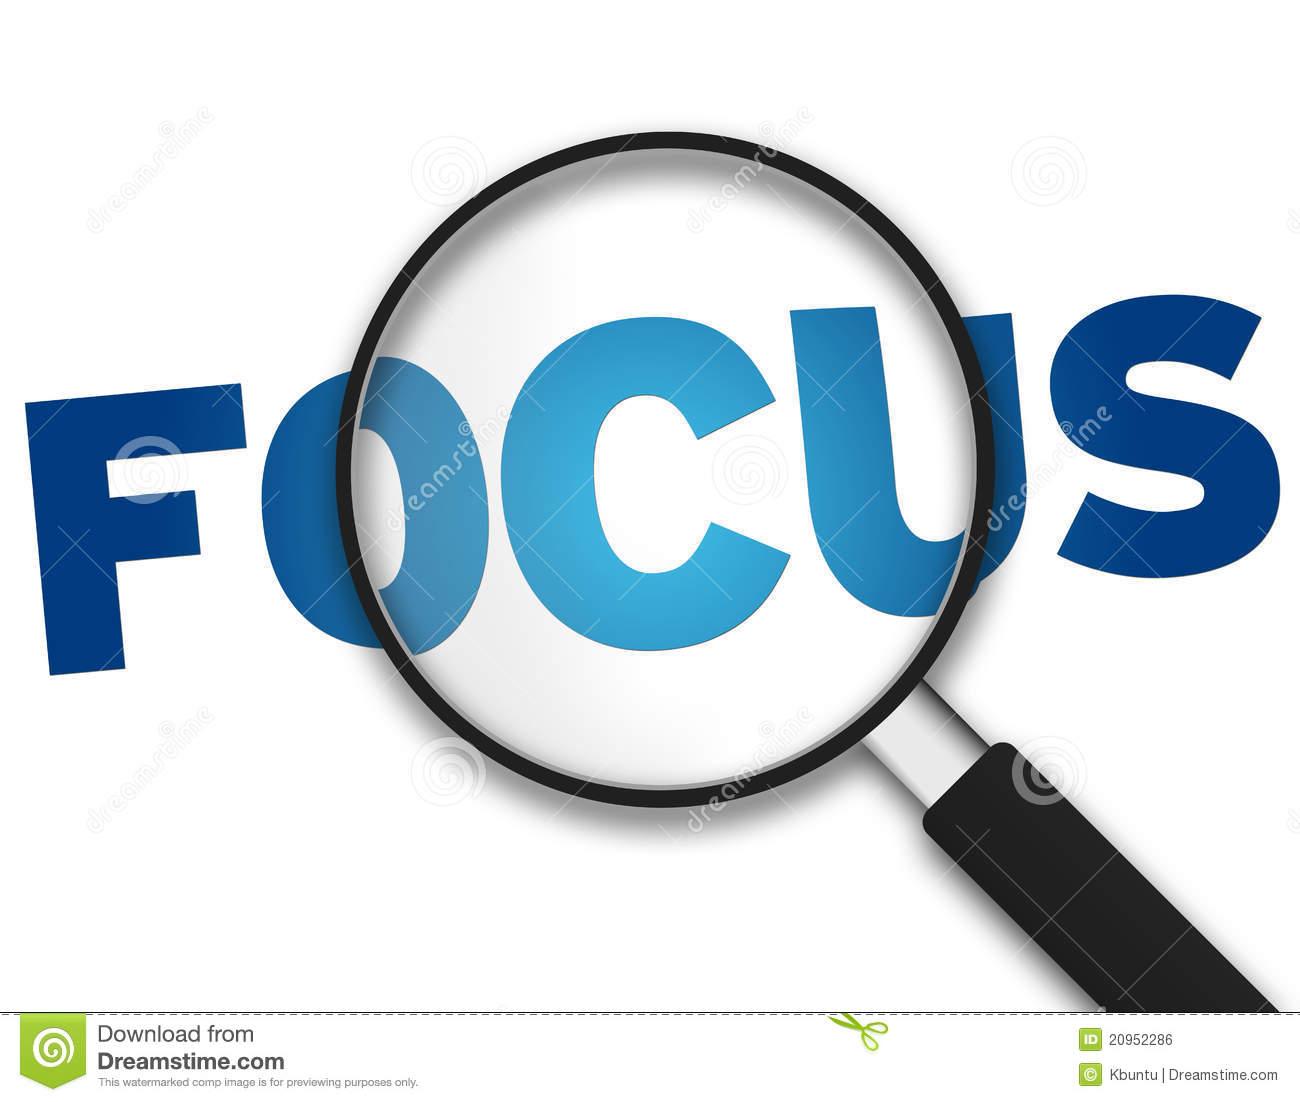 Client Focus Clipart - Clipart Suggest